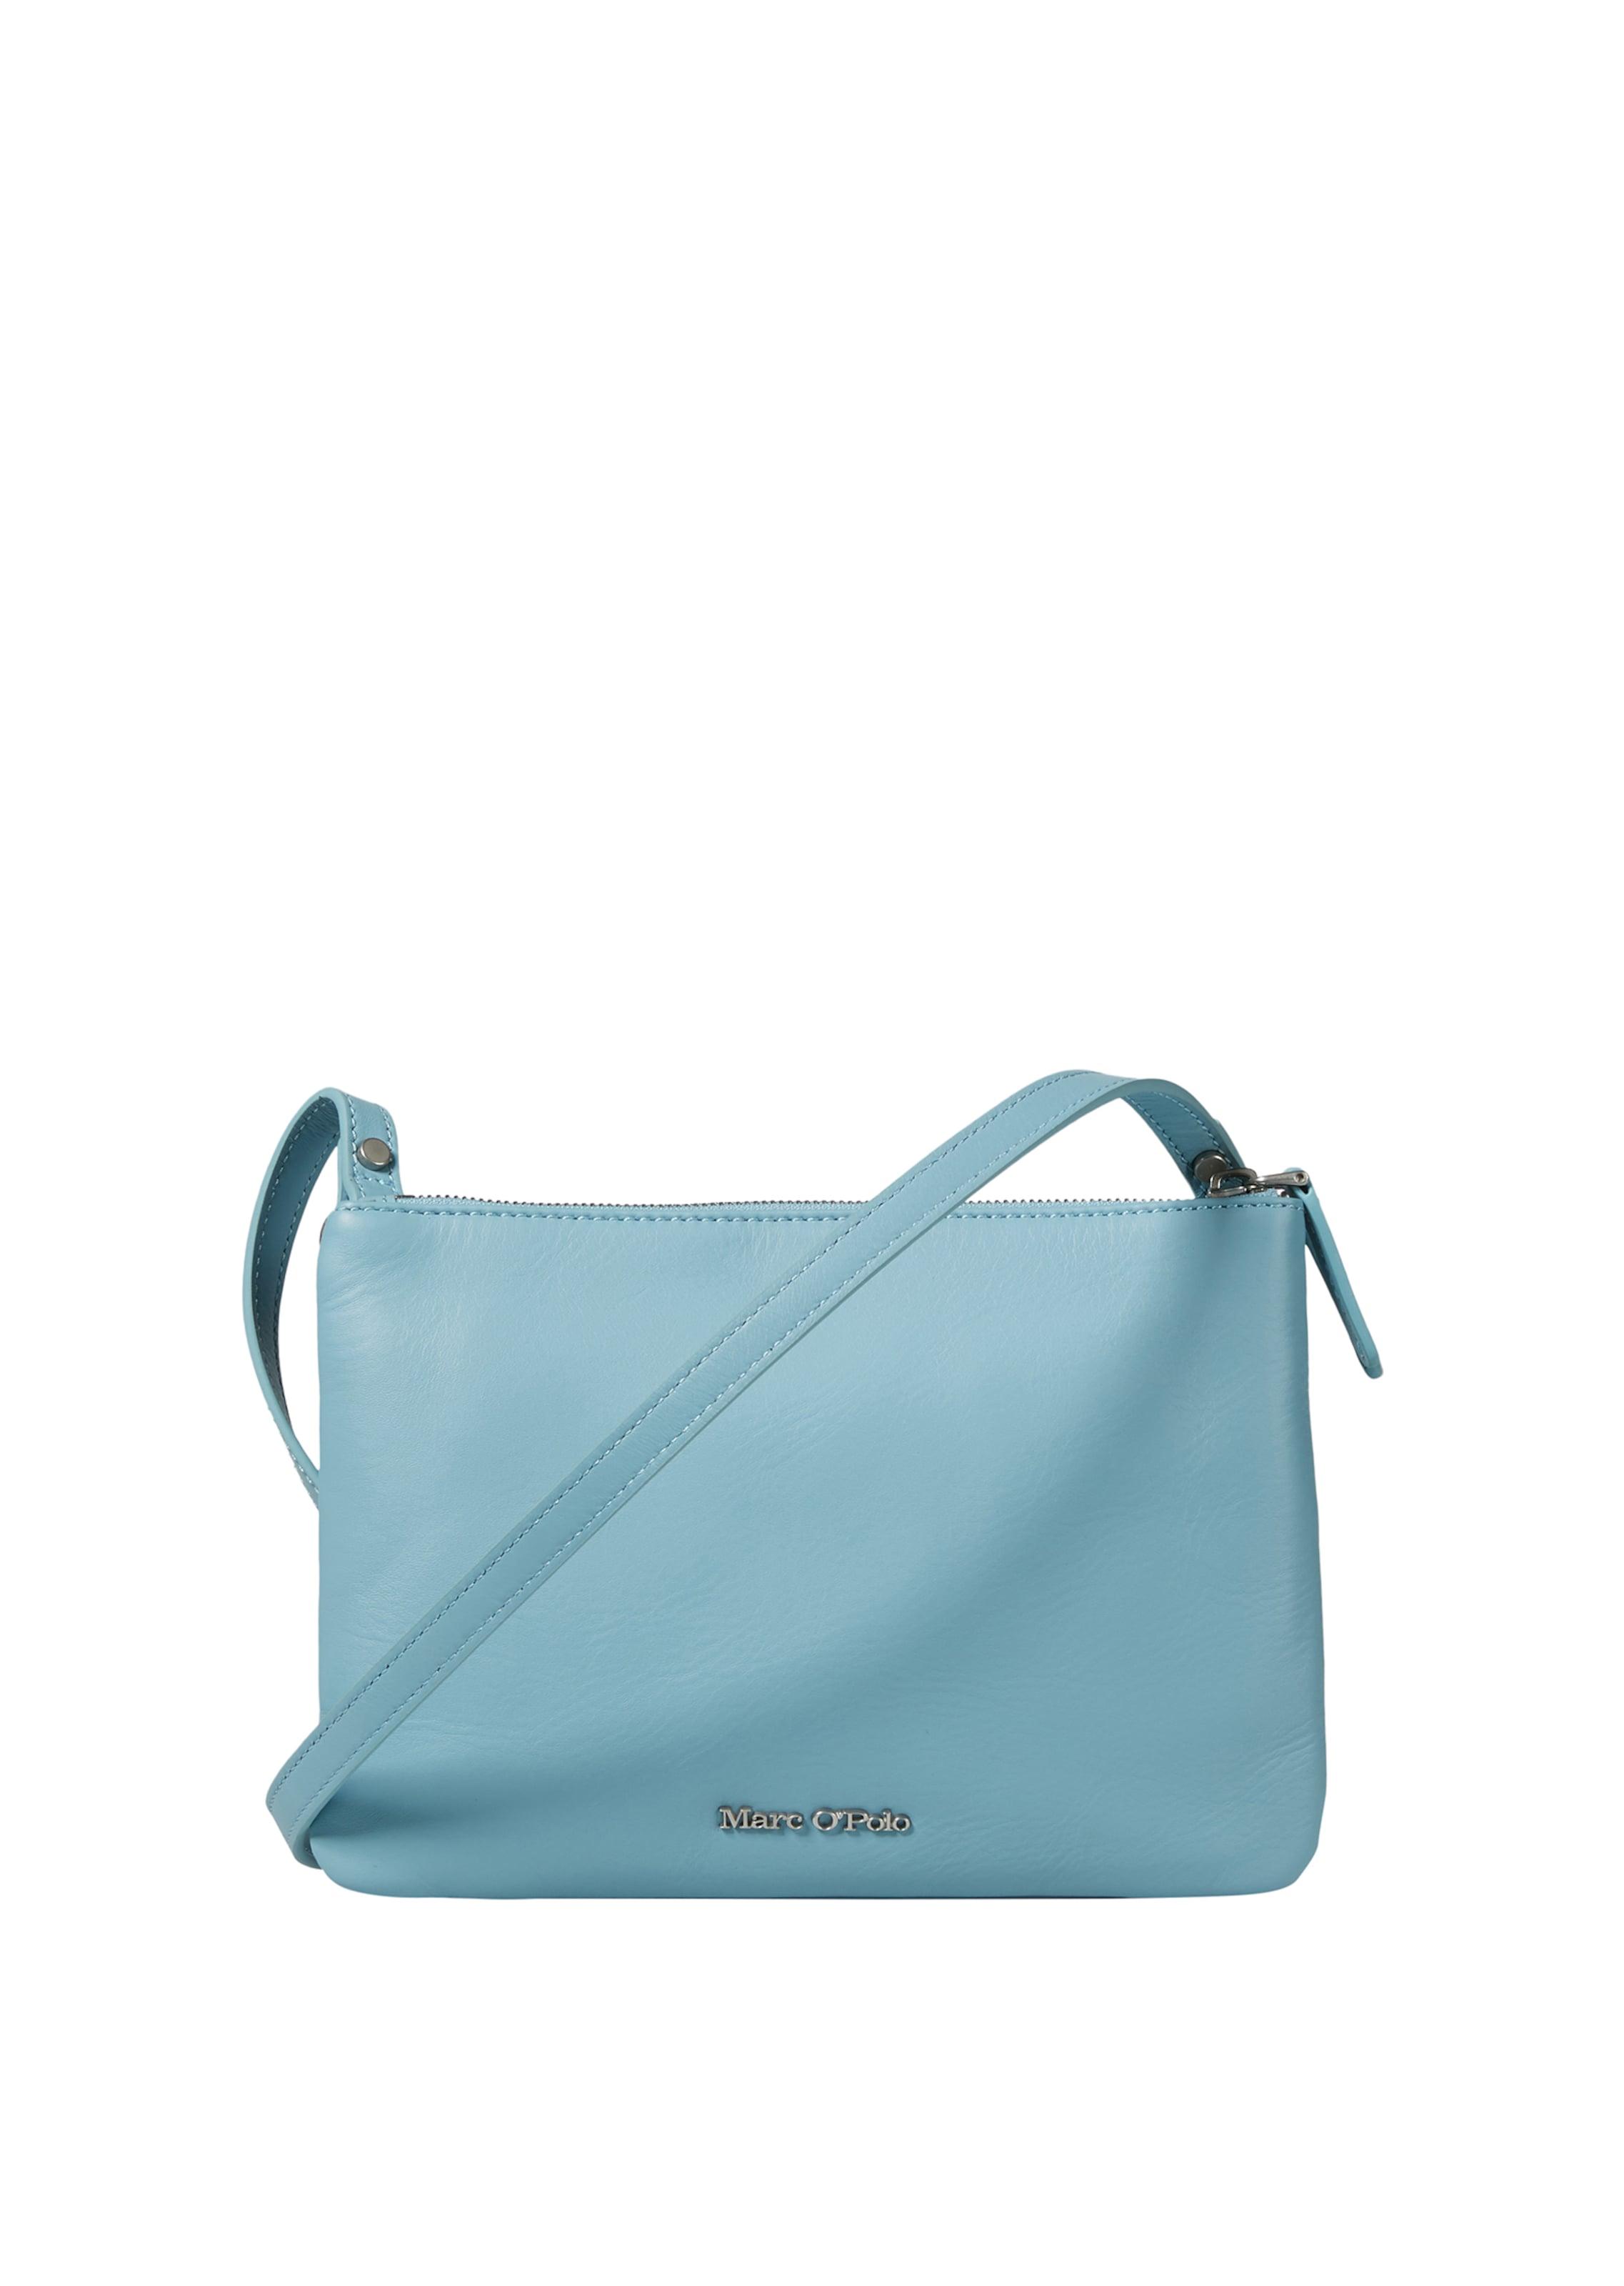 Bag Hellblau Marc O'polo In 'nele' WxCedBor